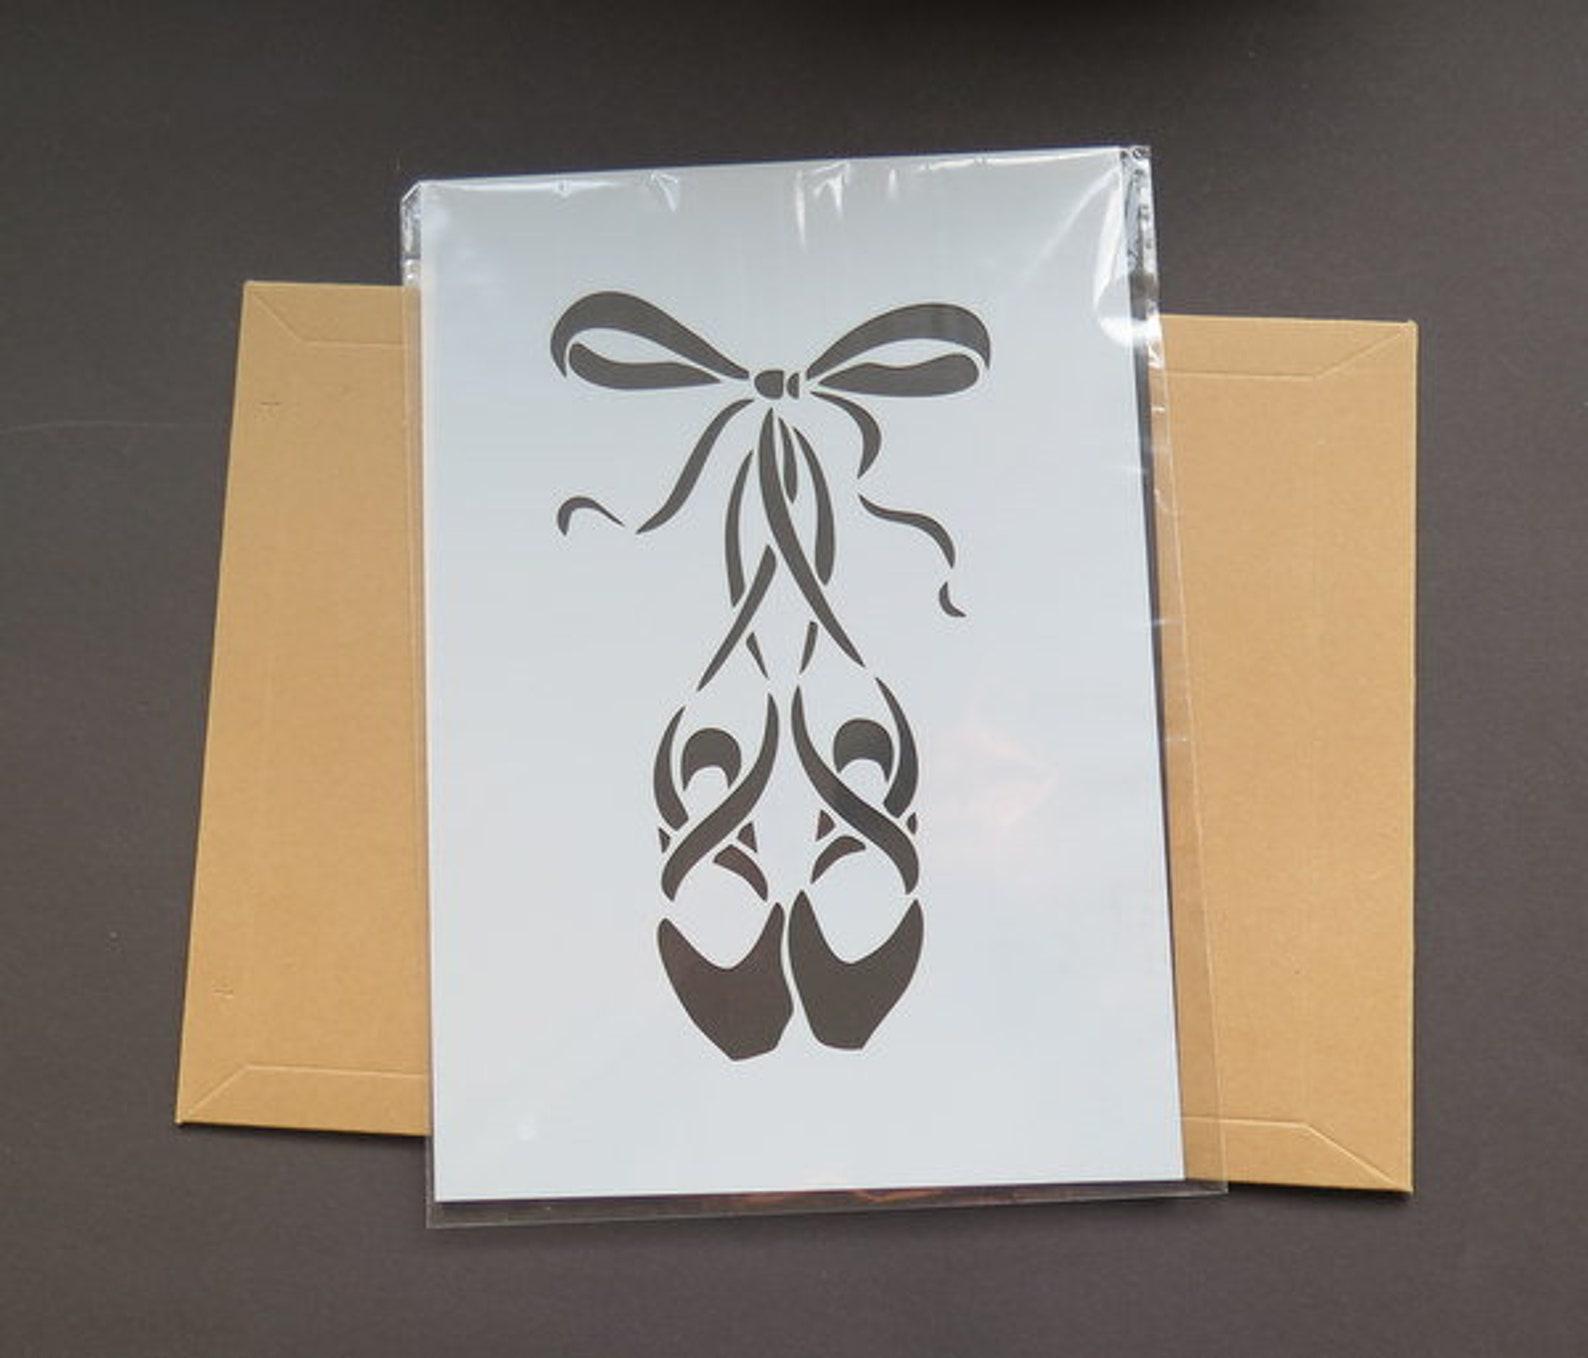 ballet shoes stencil din a4